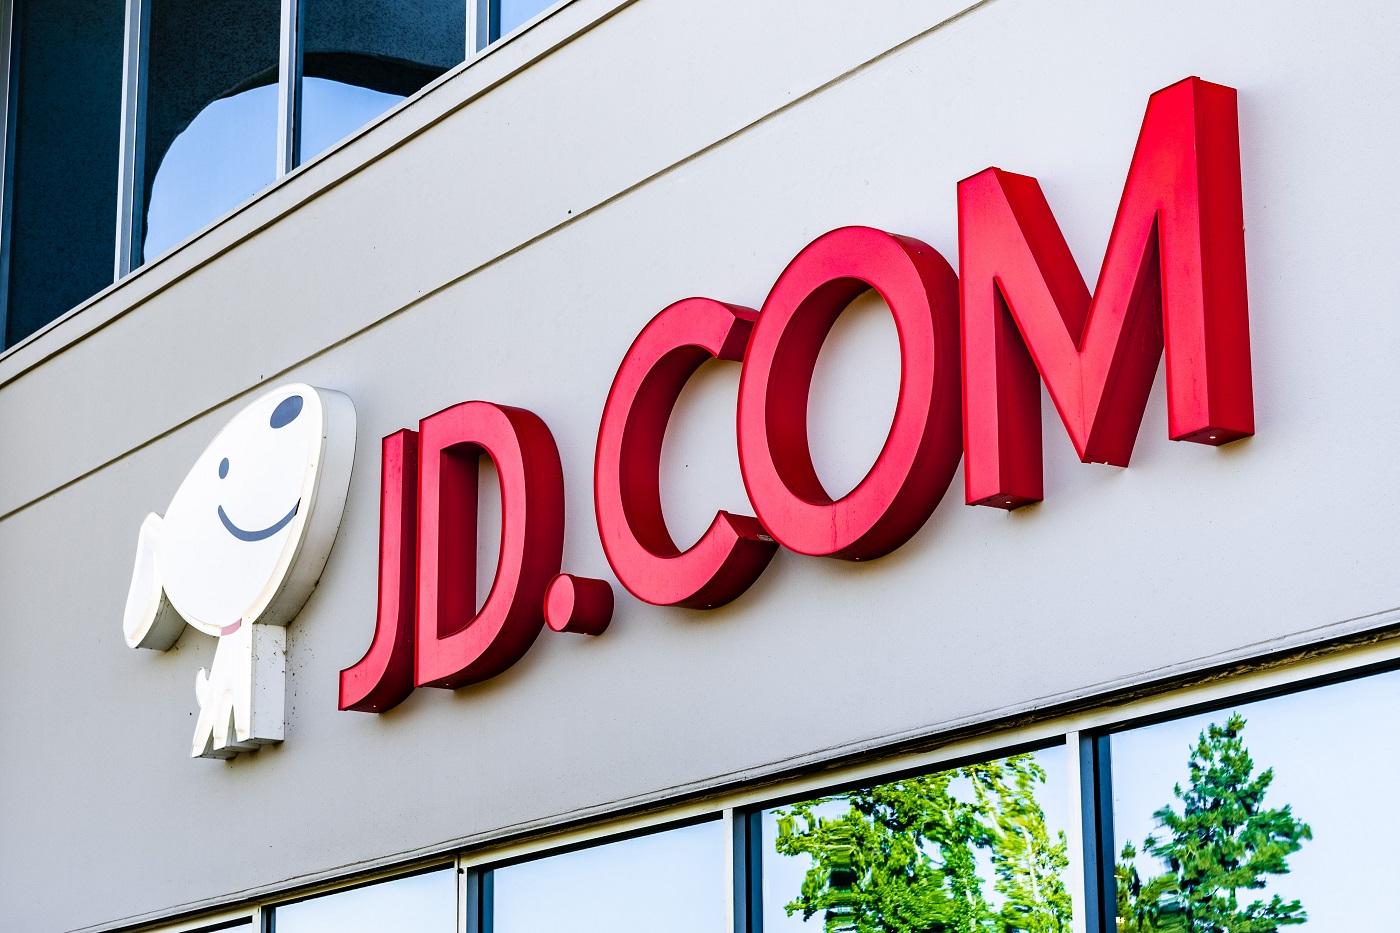 jd logo joy dog offic